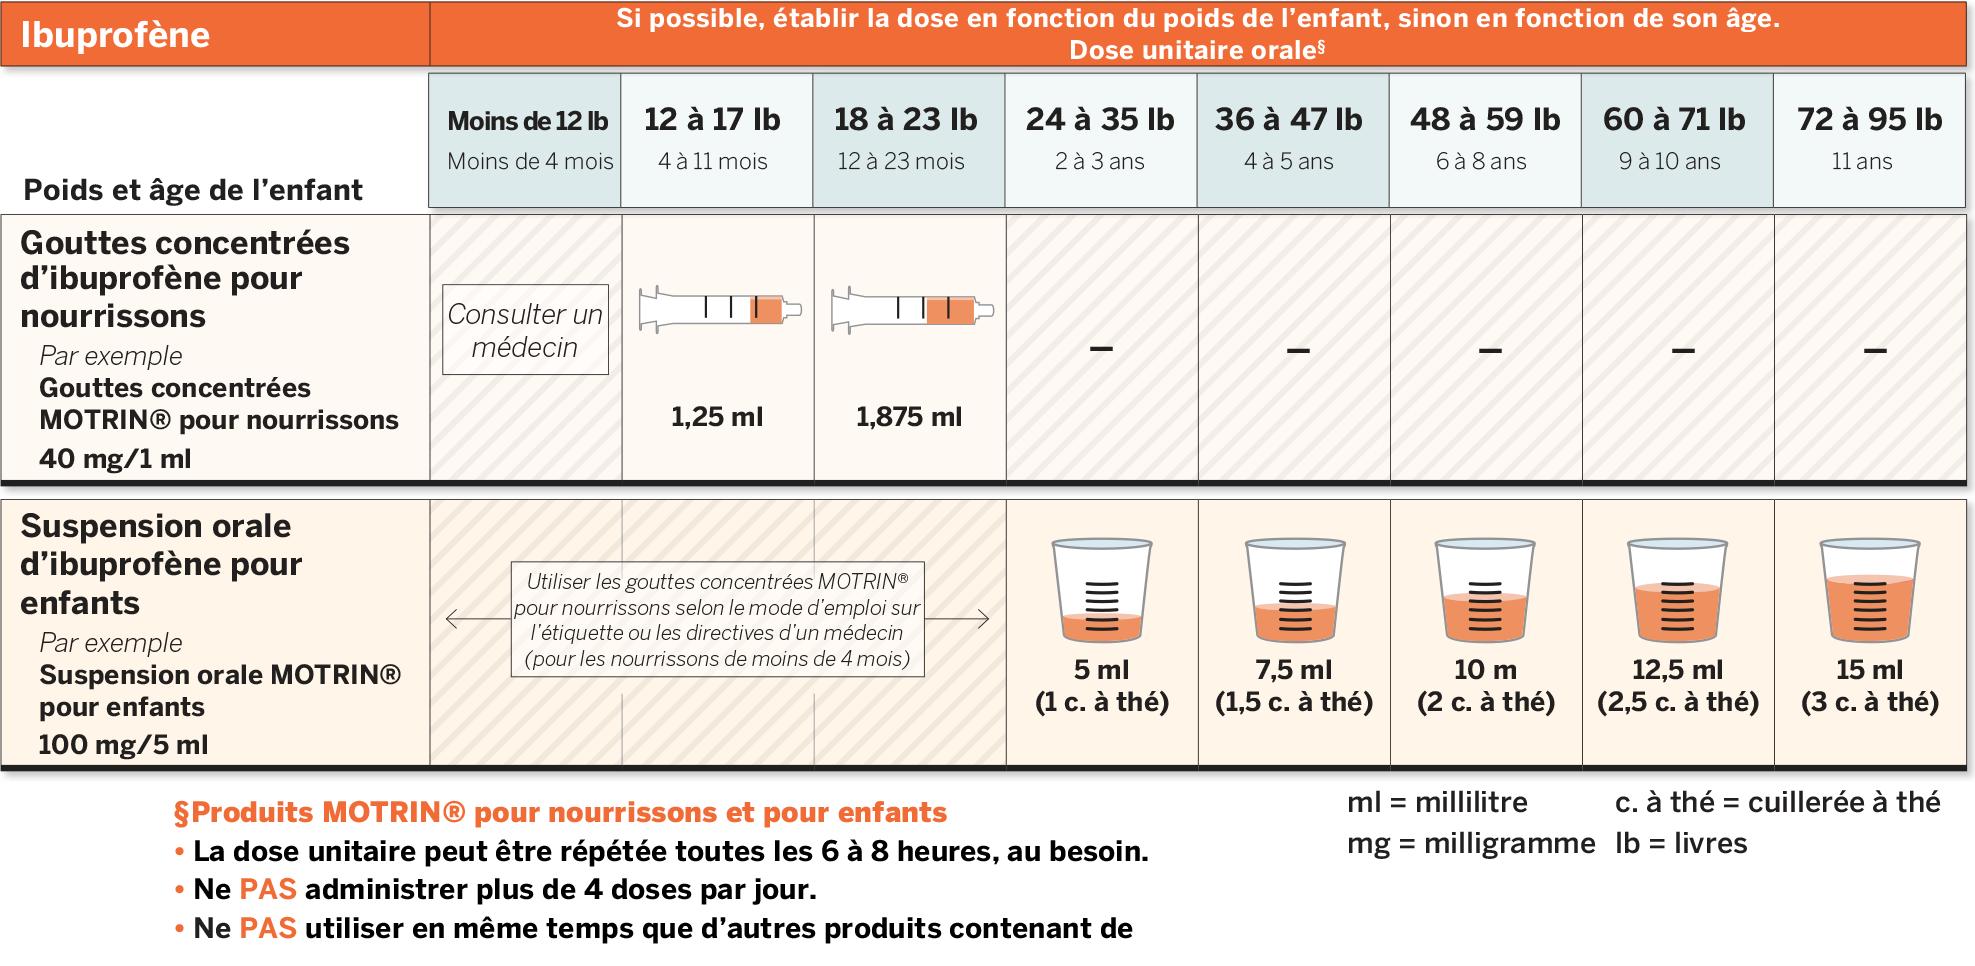 Pediatric Dosing Chart - Ibuprofene